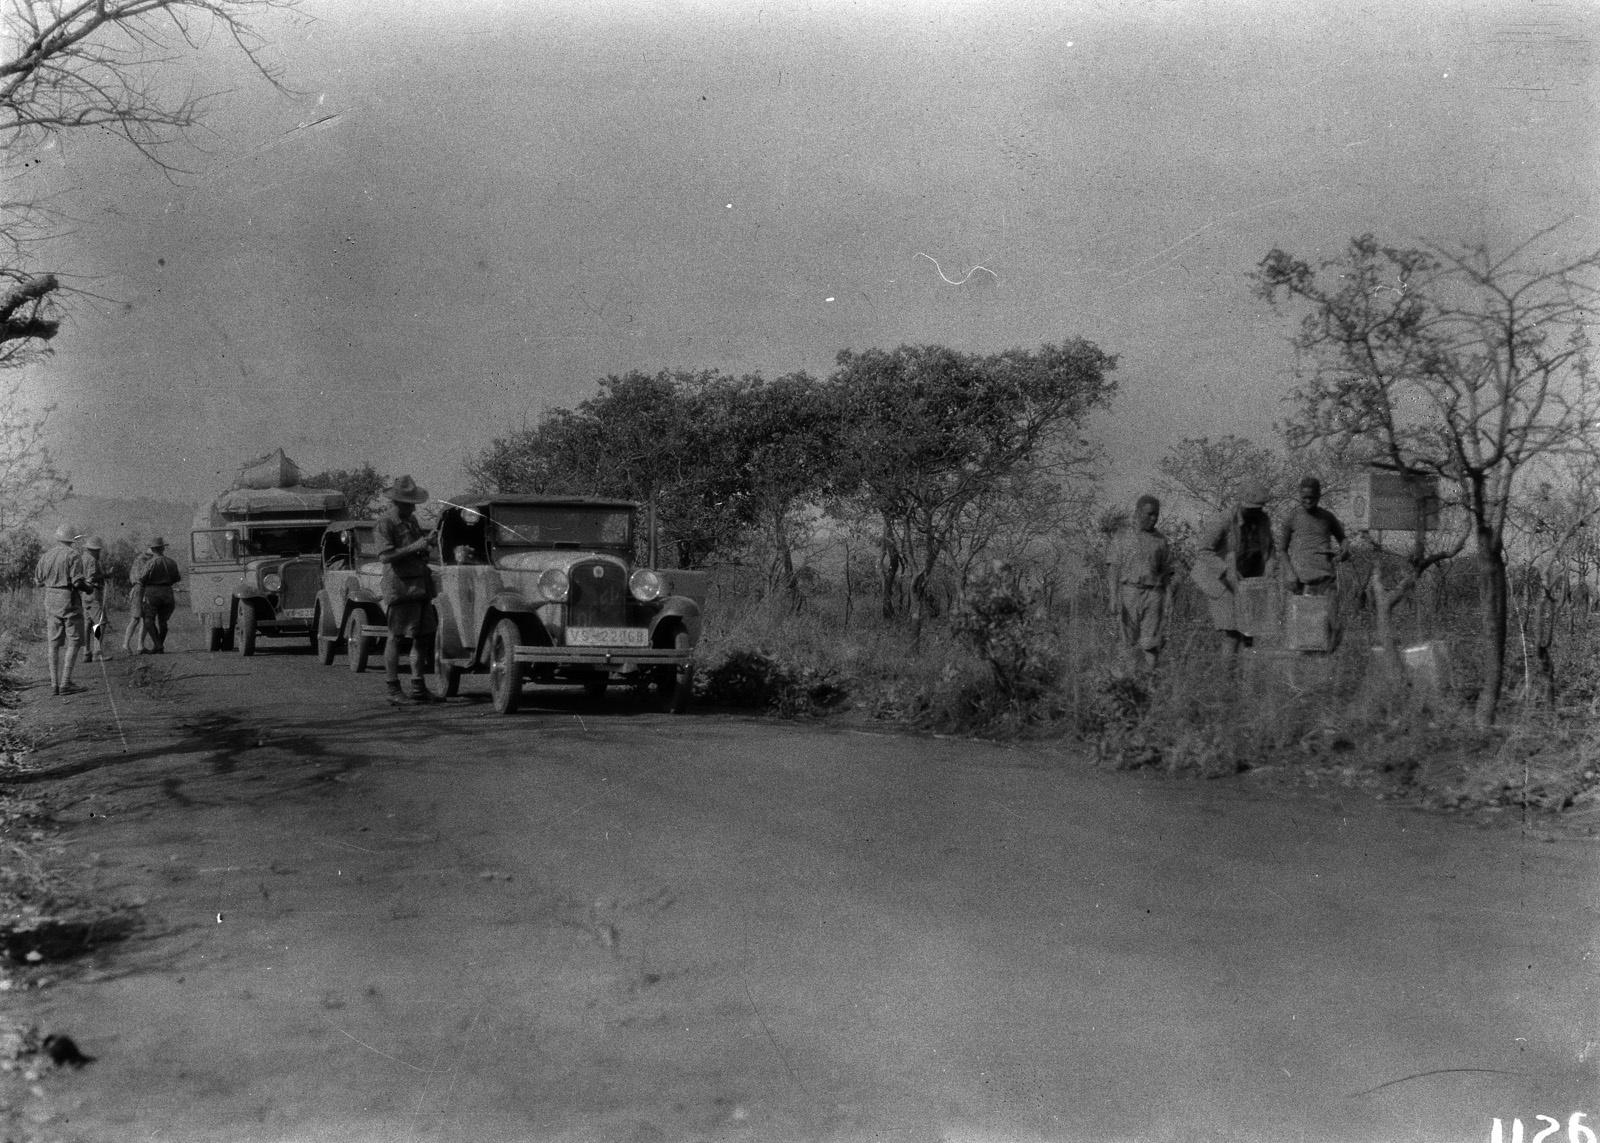 1125. Лундази. Экспедиционный грузовик на проселочной дороге